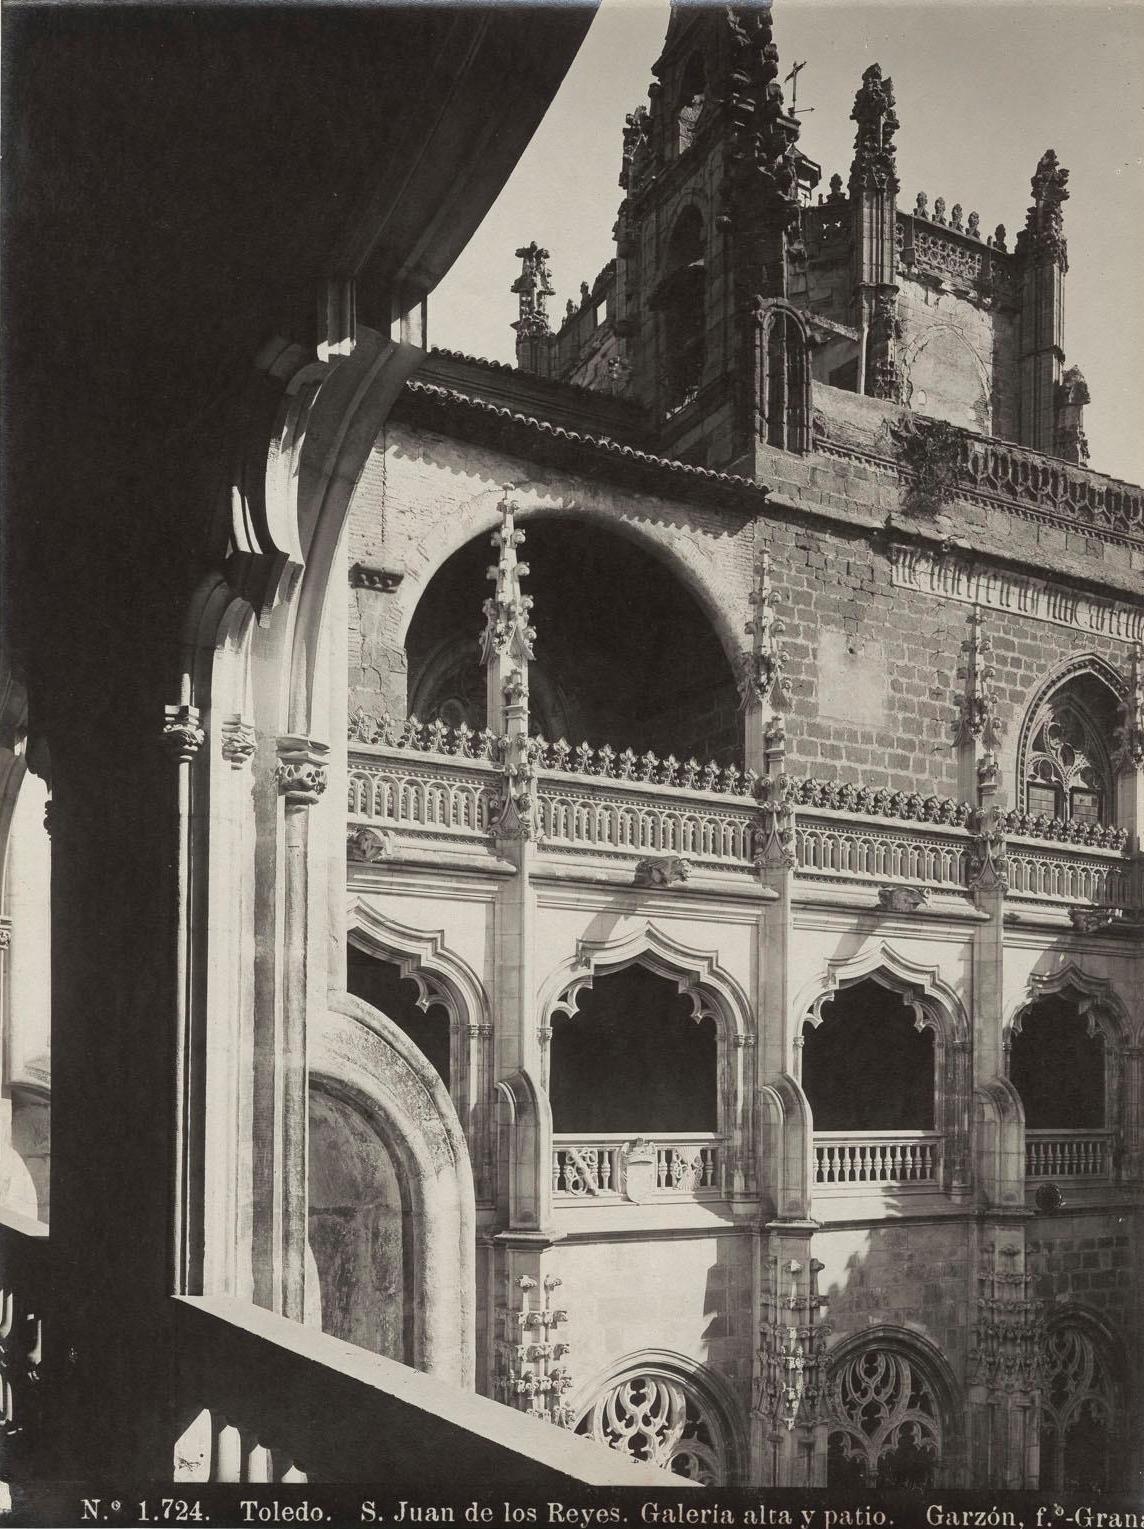 Monasterio de San Juan de Los Reyes a finales del siglo XIX. Fotografía de Rafael Garzón.